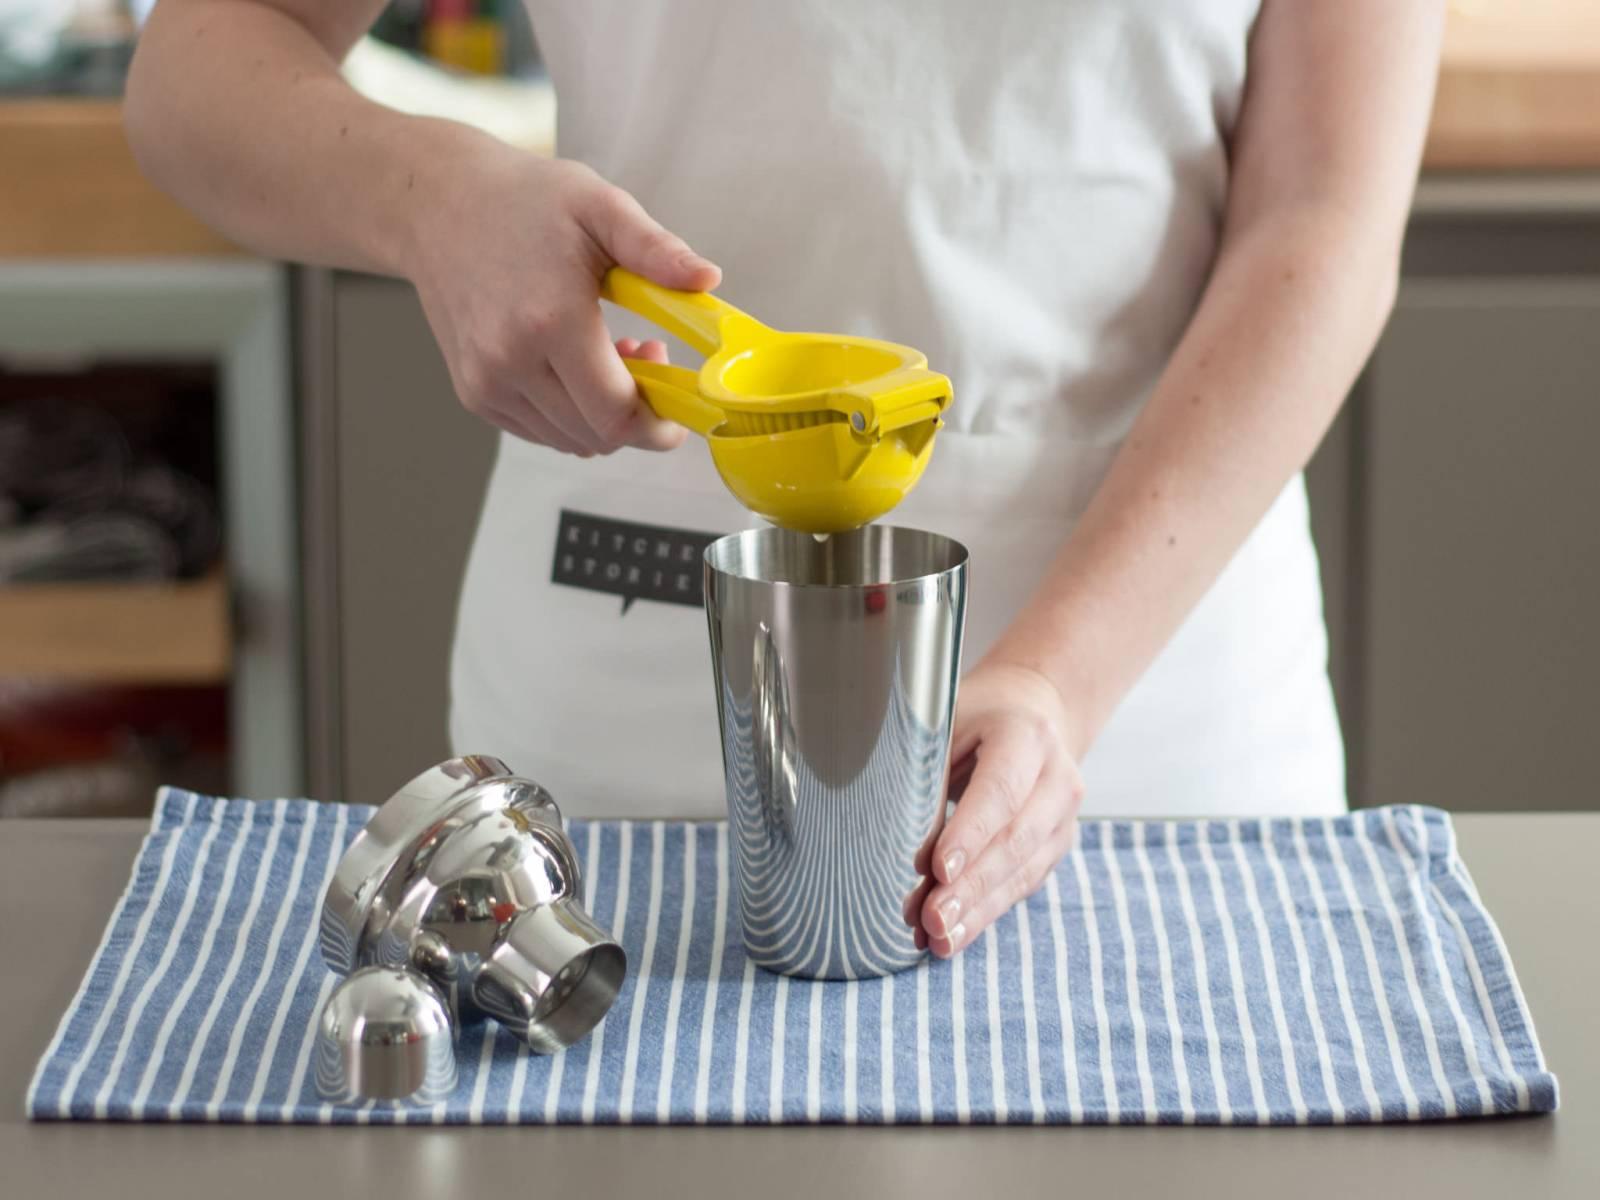 向鸡尾酒壶中加入龙舌兰糖浆、柠檬汁、酸橙汁、橙汁与冰块,用力摇晃约30秒。